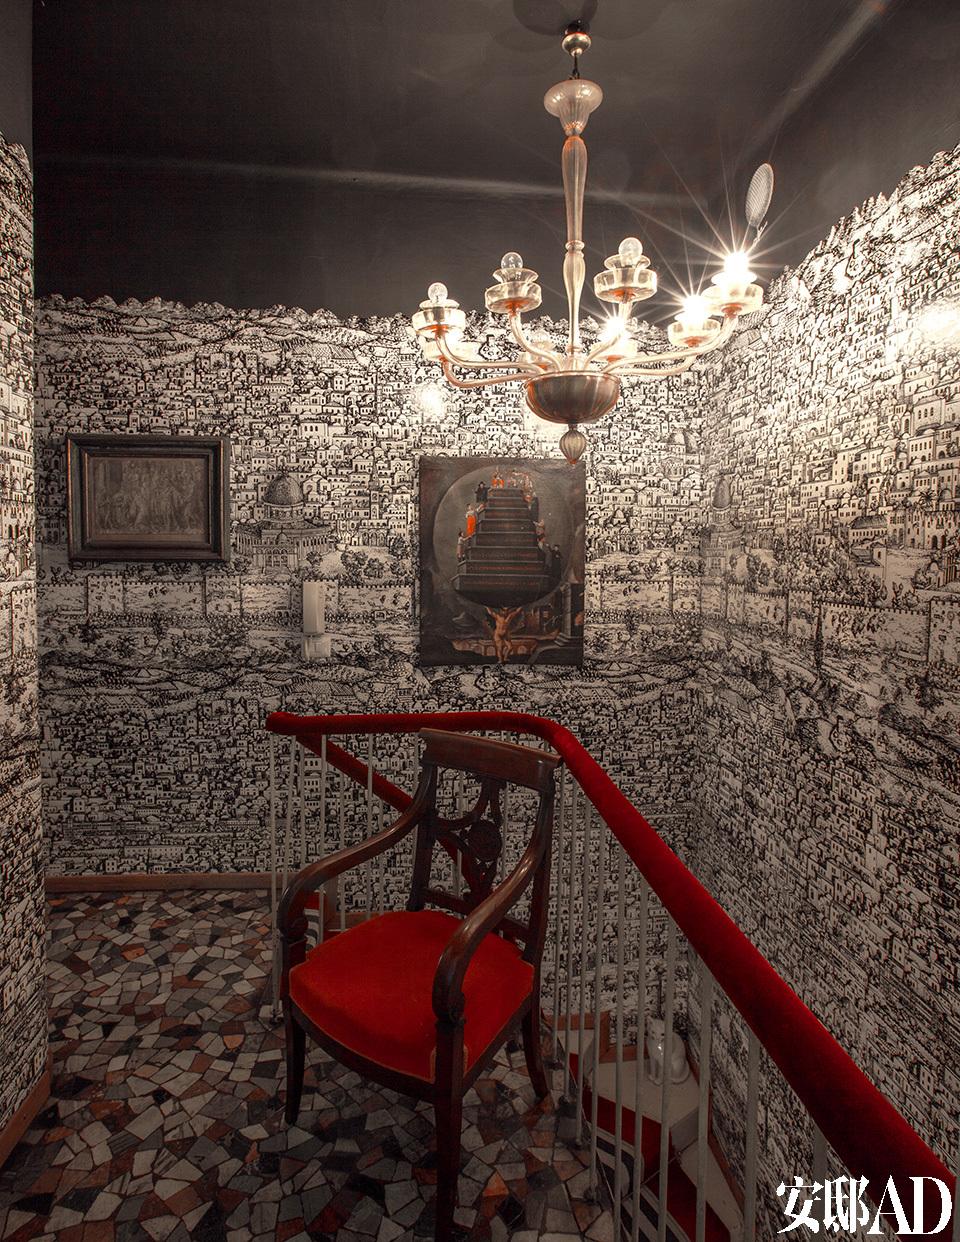 墙面上密布的耶路撒冷城市图案,让人仿佛身临异域梦境,在古老与现代的碰撞中曼妙穿梭。在家的二层,耶路撒冷的图案原先是被Piero Fornasetti先生首次采用、设计成墙纸,被展示在家的大厅内。后来,这种图案在划分区的屏风上显现,并转换为夜间模式。现如今,这款墙纸仍然被Cole & Son公司生产制作。